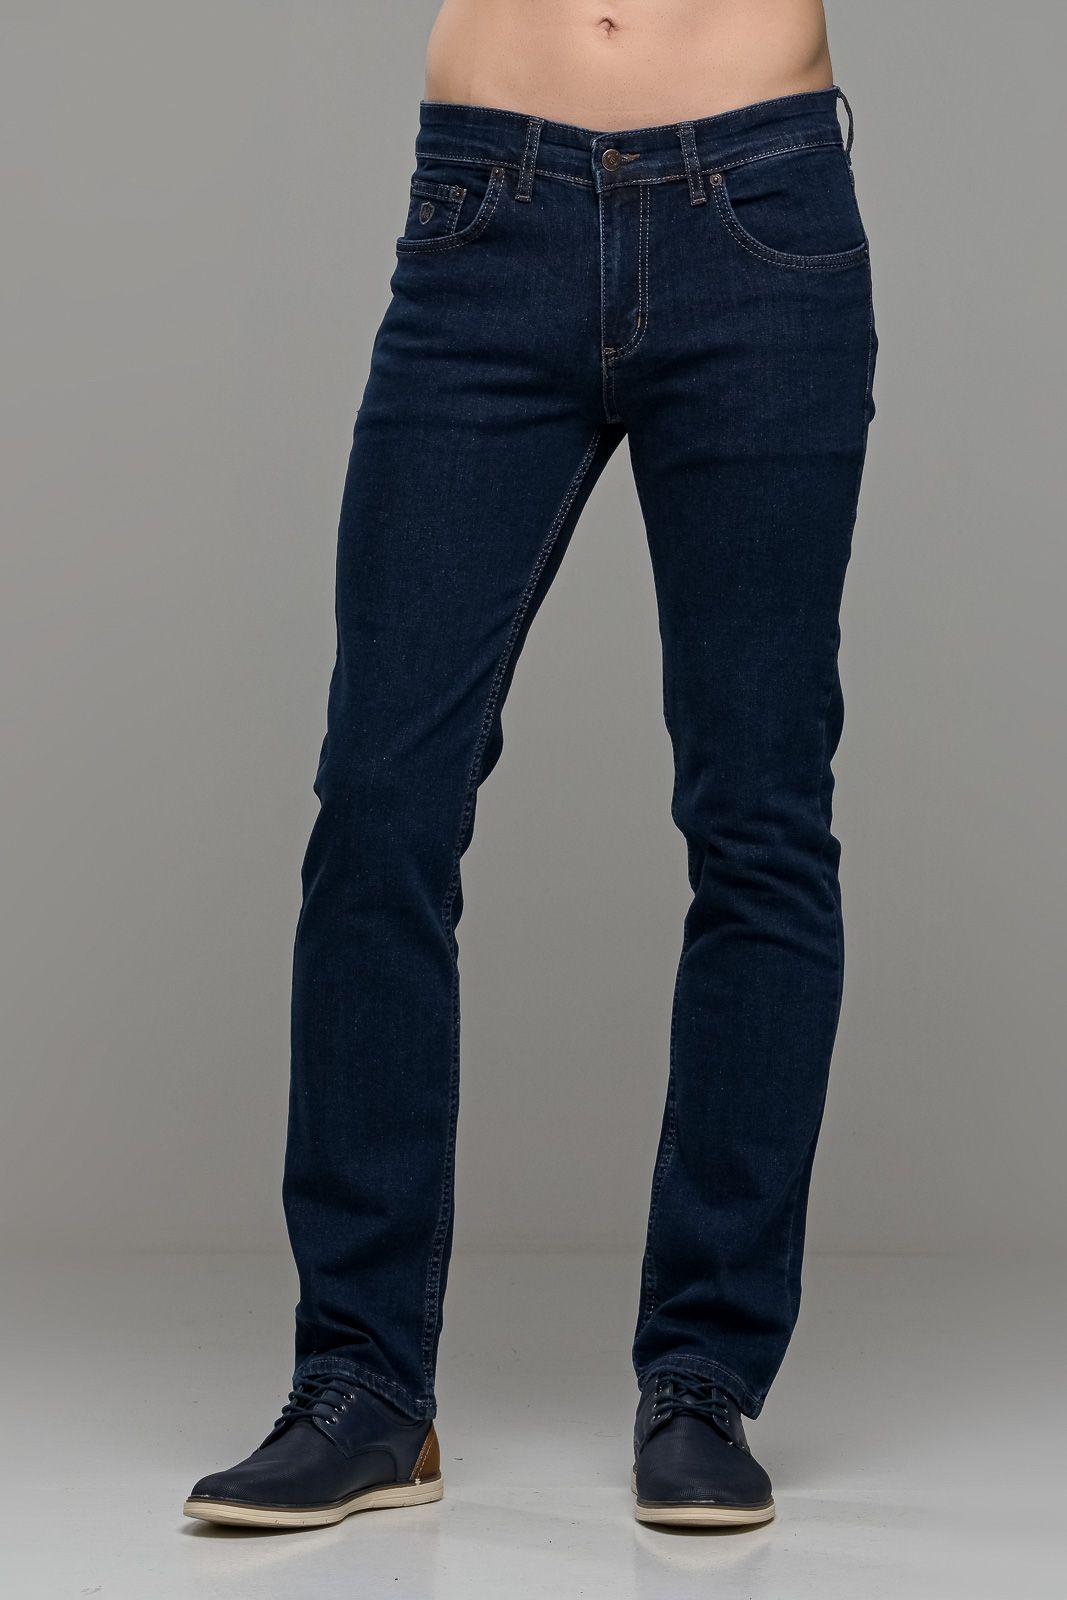 Ανδρικό τζιν παντελόνι σε ίσια γραμμή straight fit με ελαστικό stretch για κάθε μέρα